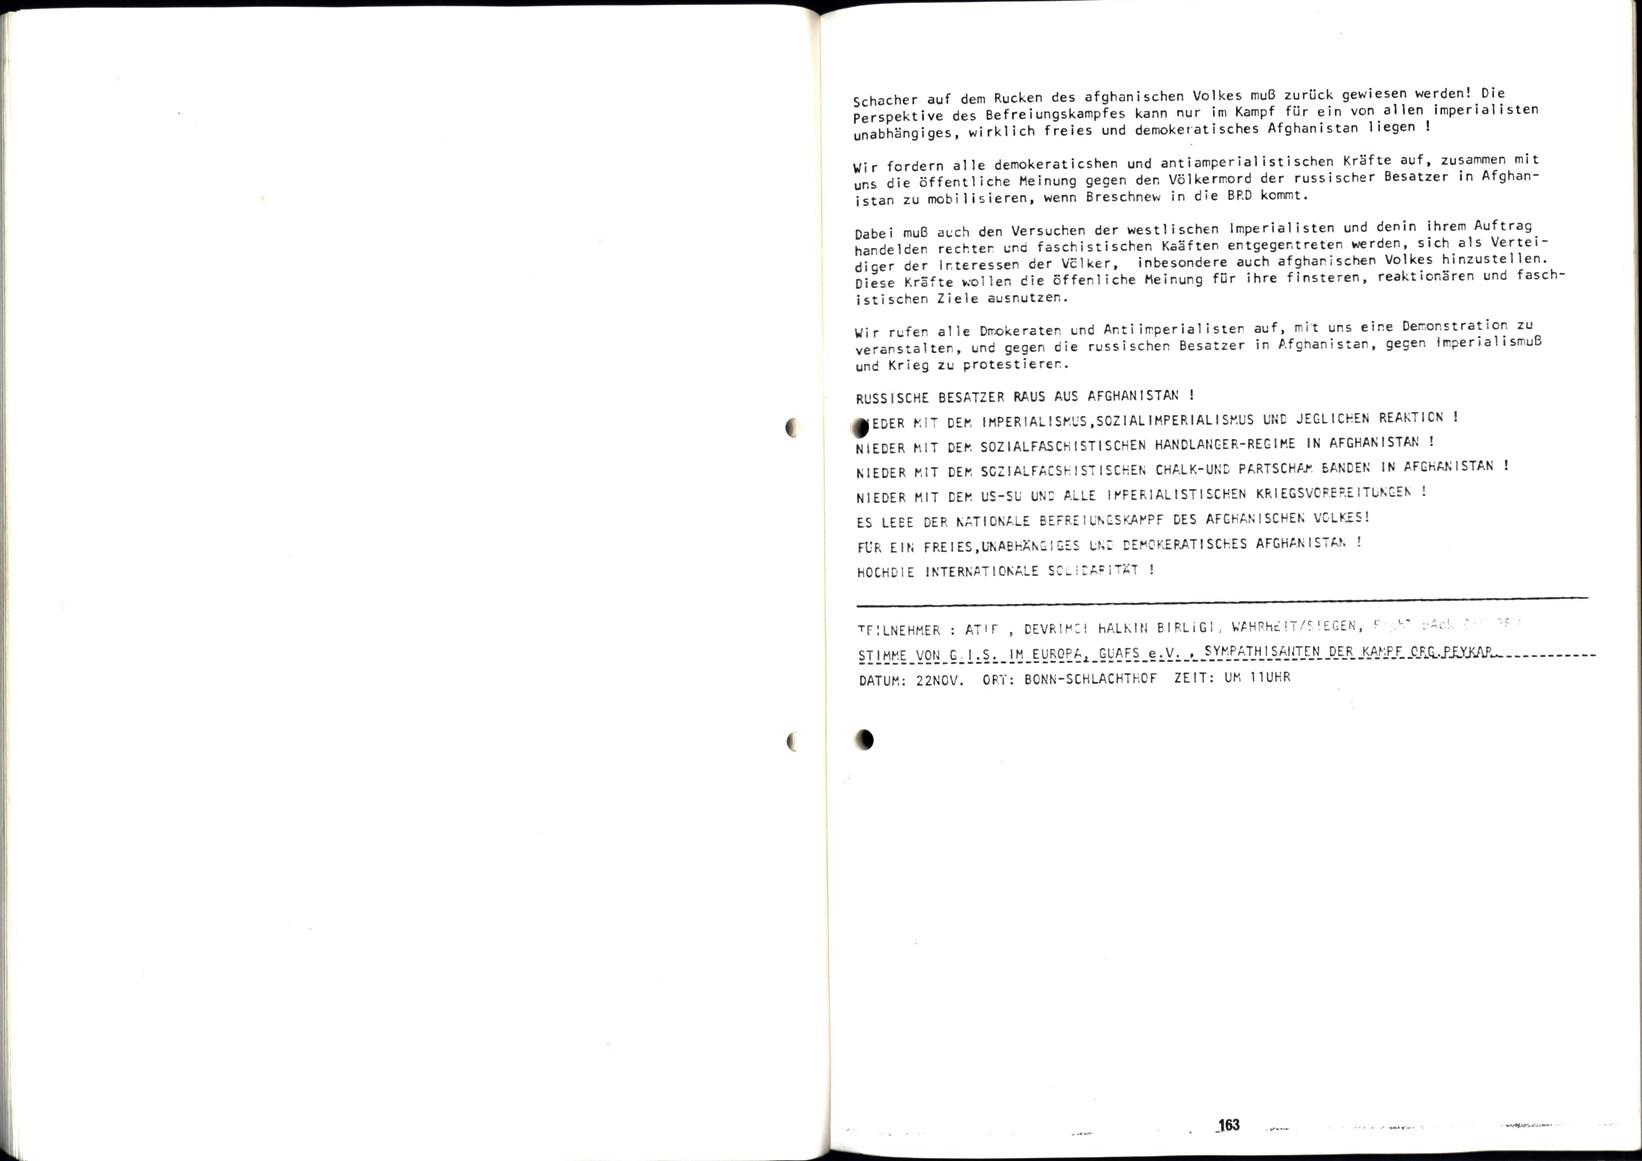 Ulm_KKU_19820118_007_150